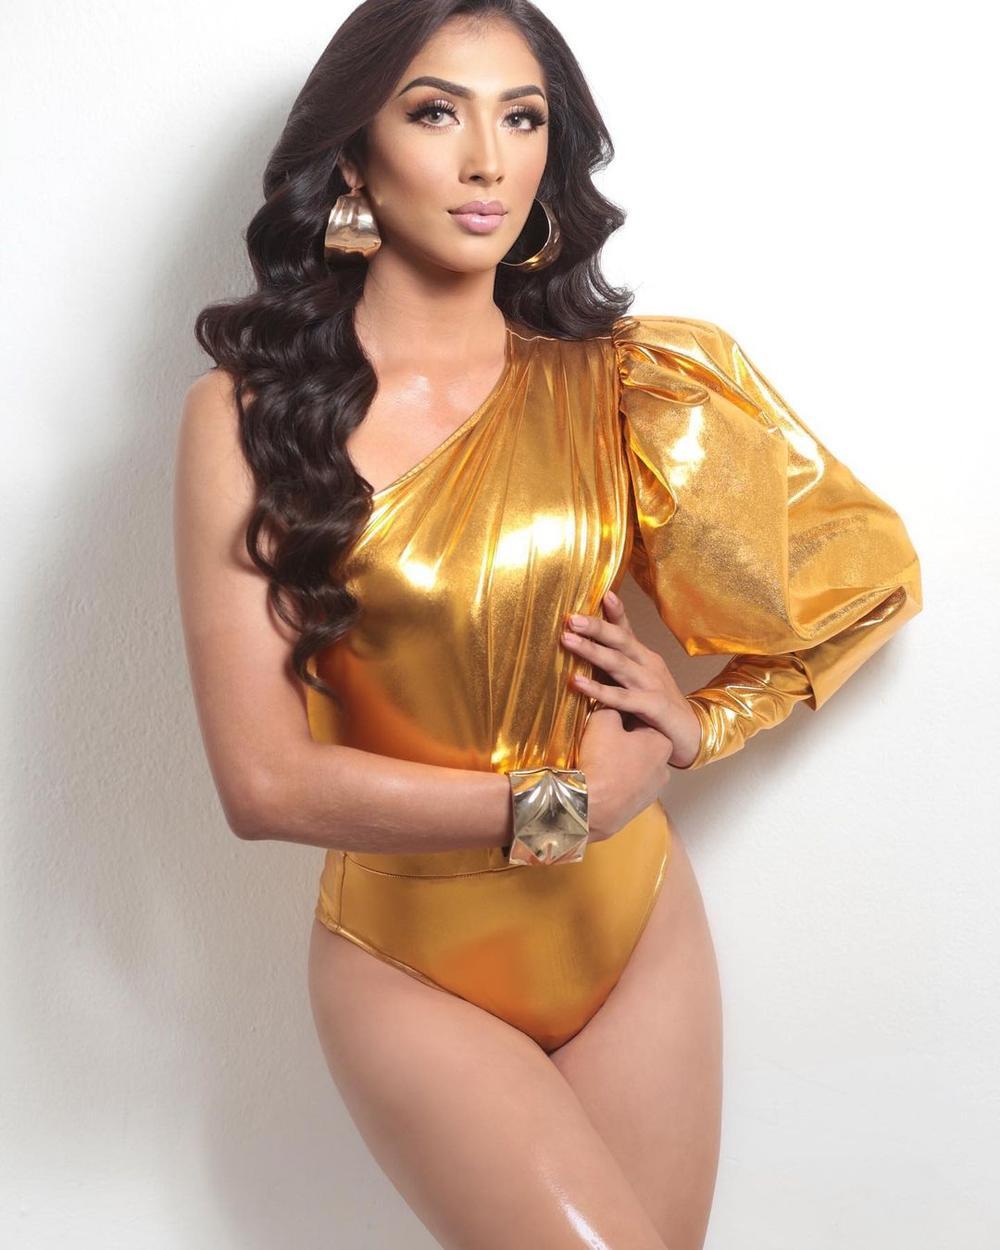 12 thí sinh đầu tiên dự thi Miss International Queen 2021: Trân Đài 'kèn cựa' mỹ nhân Thái Lan Ảnh 28